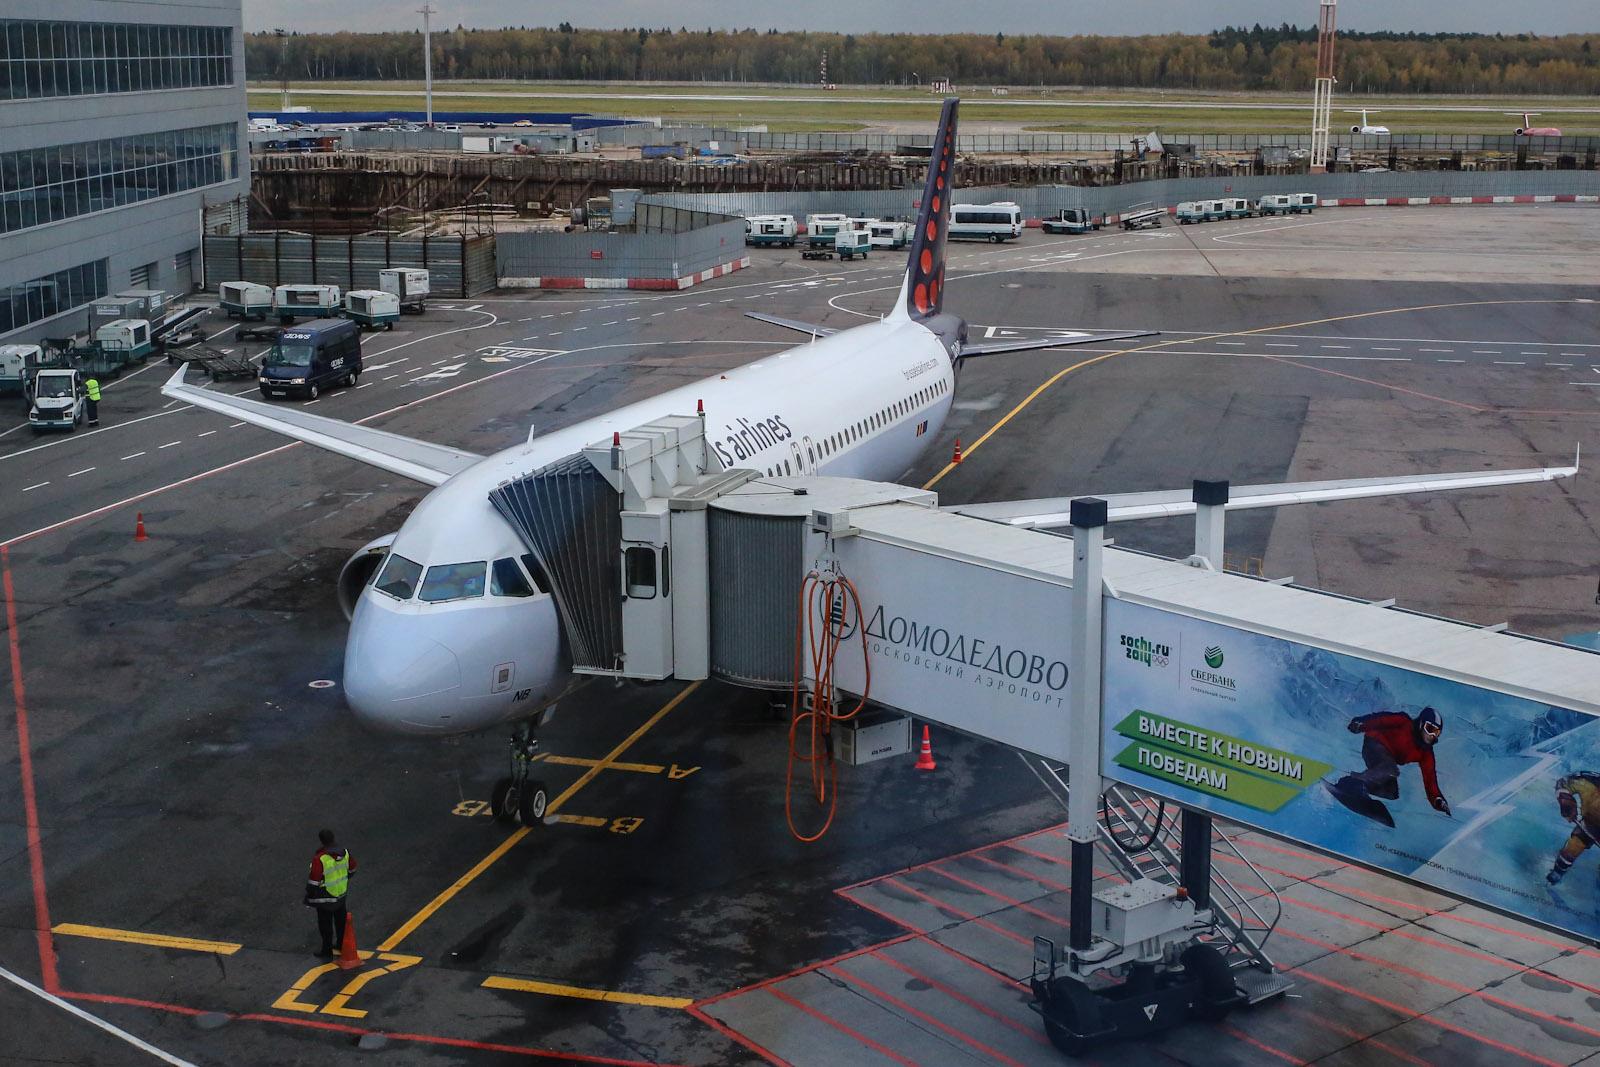 Airbus A320 Брюссельских авиалиний в аэропорту Домодедово